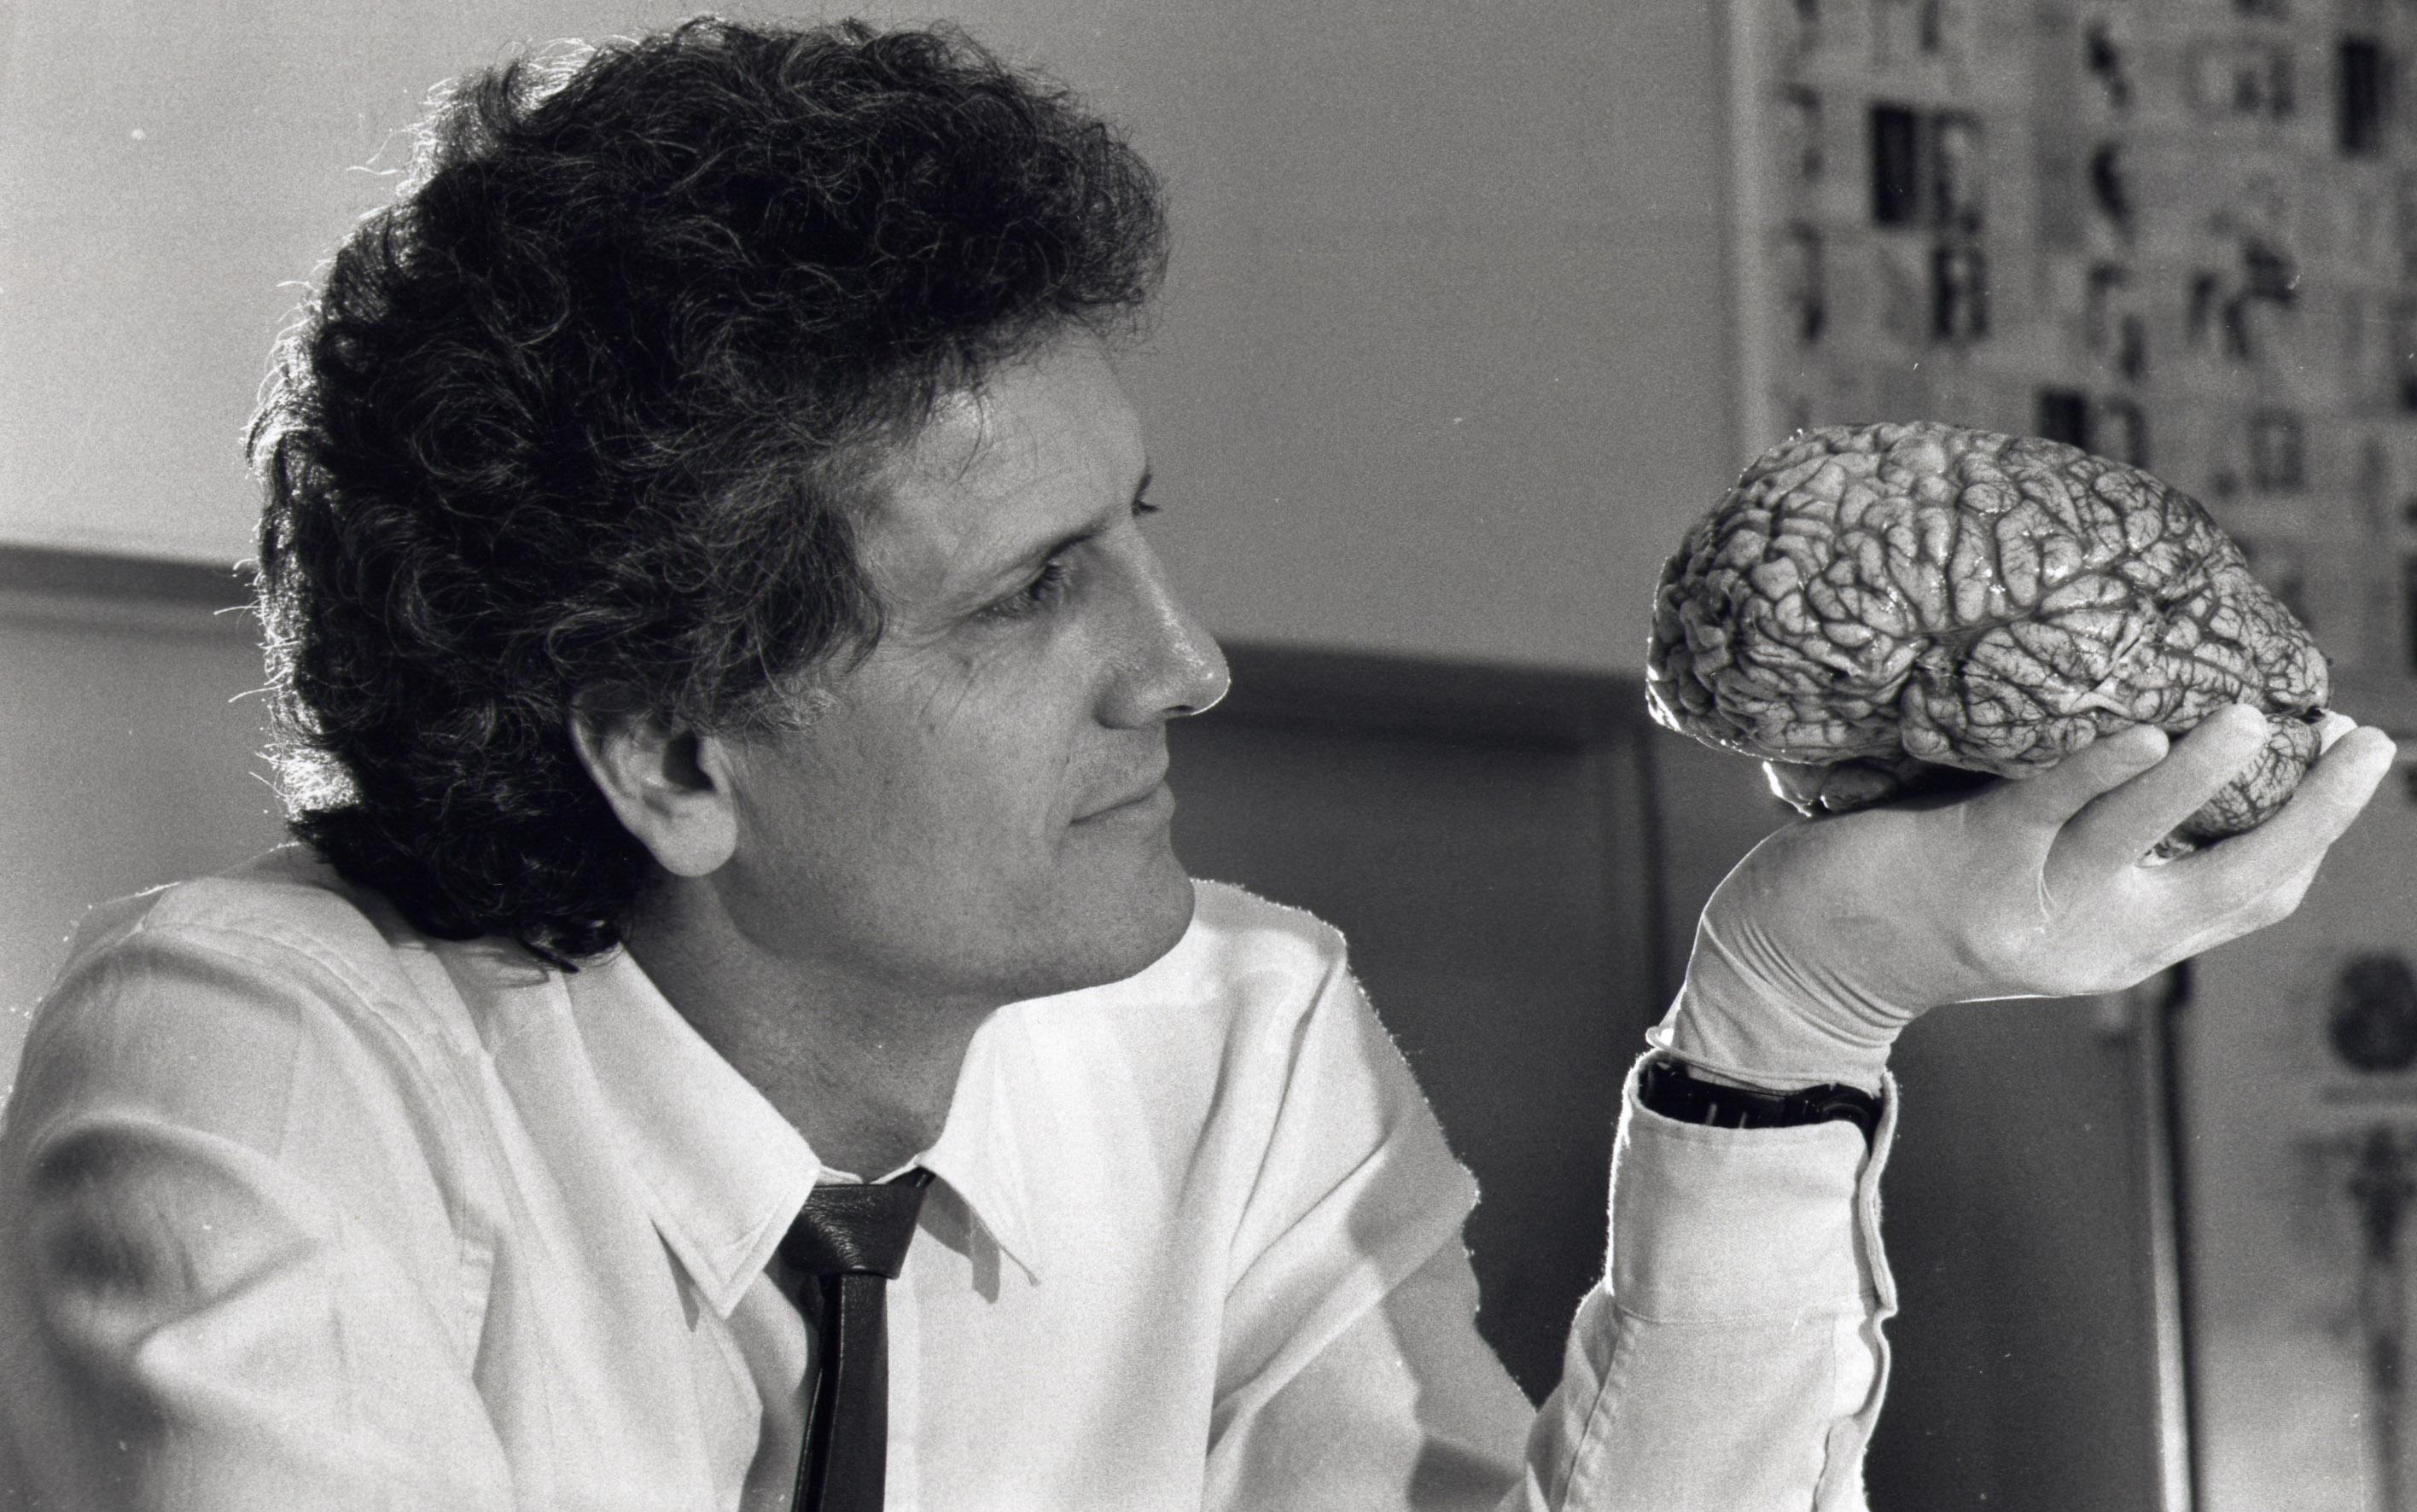 ‼ Descubren una región oculta en el cerebro humano